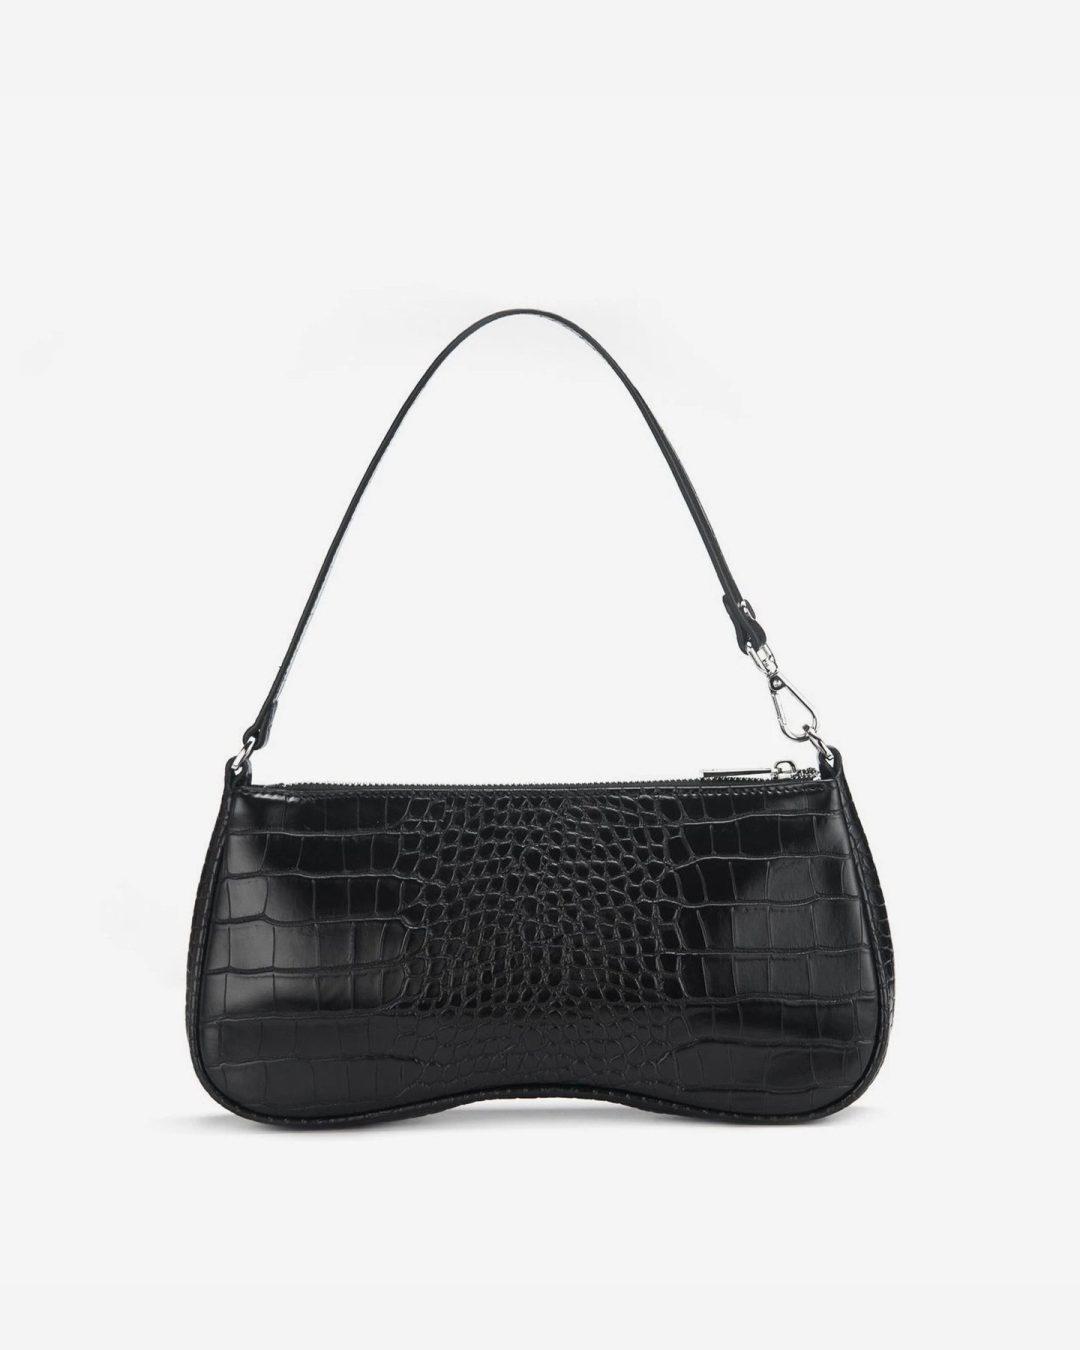 Eva Shoulder Bag in Black Croc for best minimalist purses